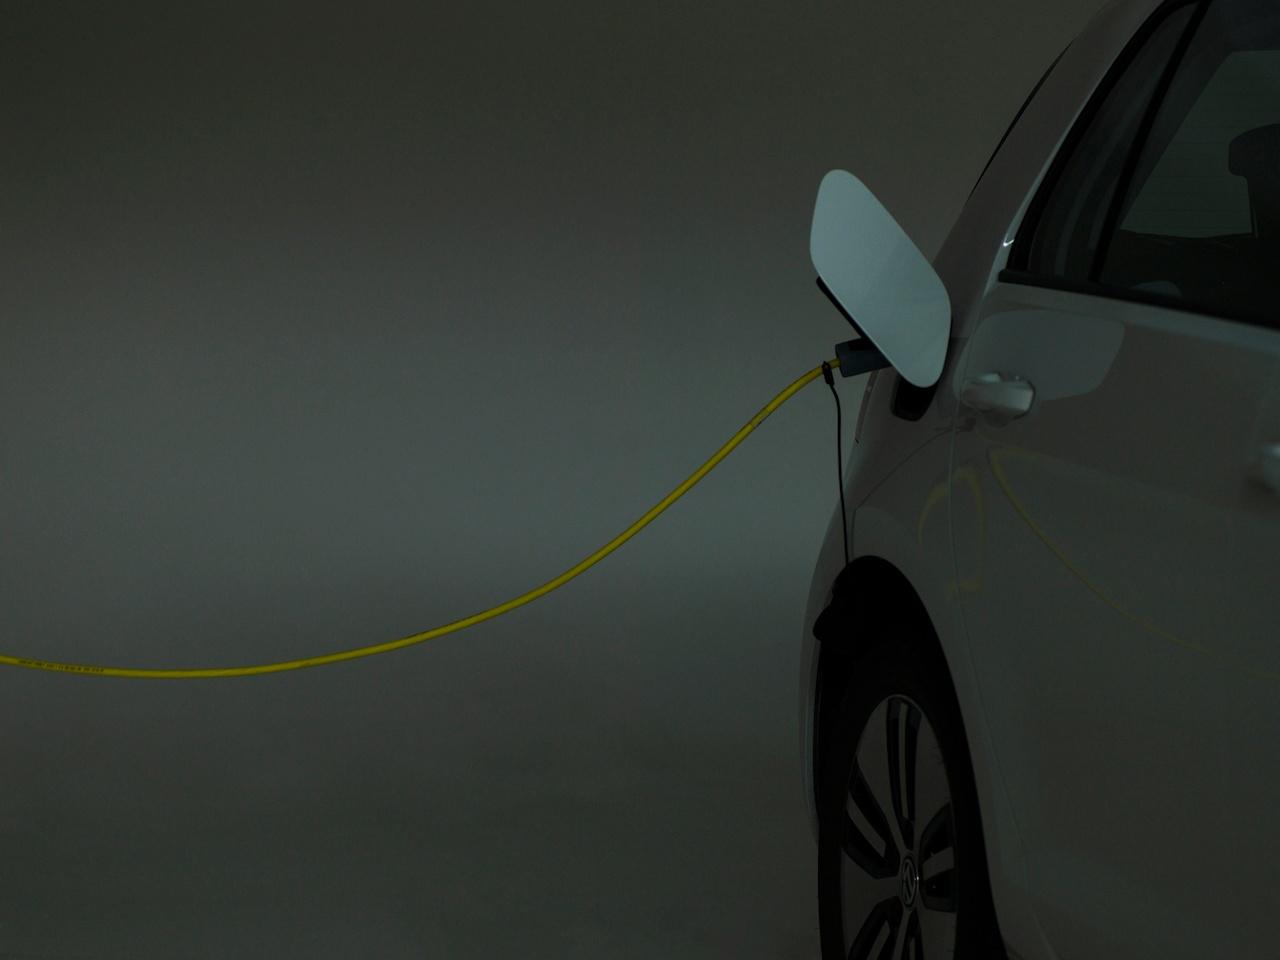 sähköauton lataus.jpg